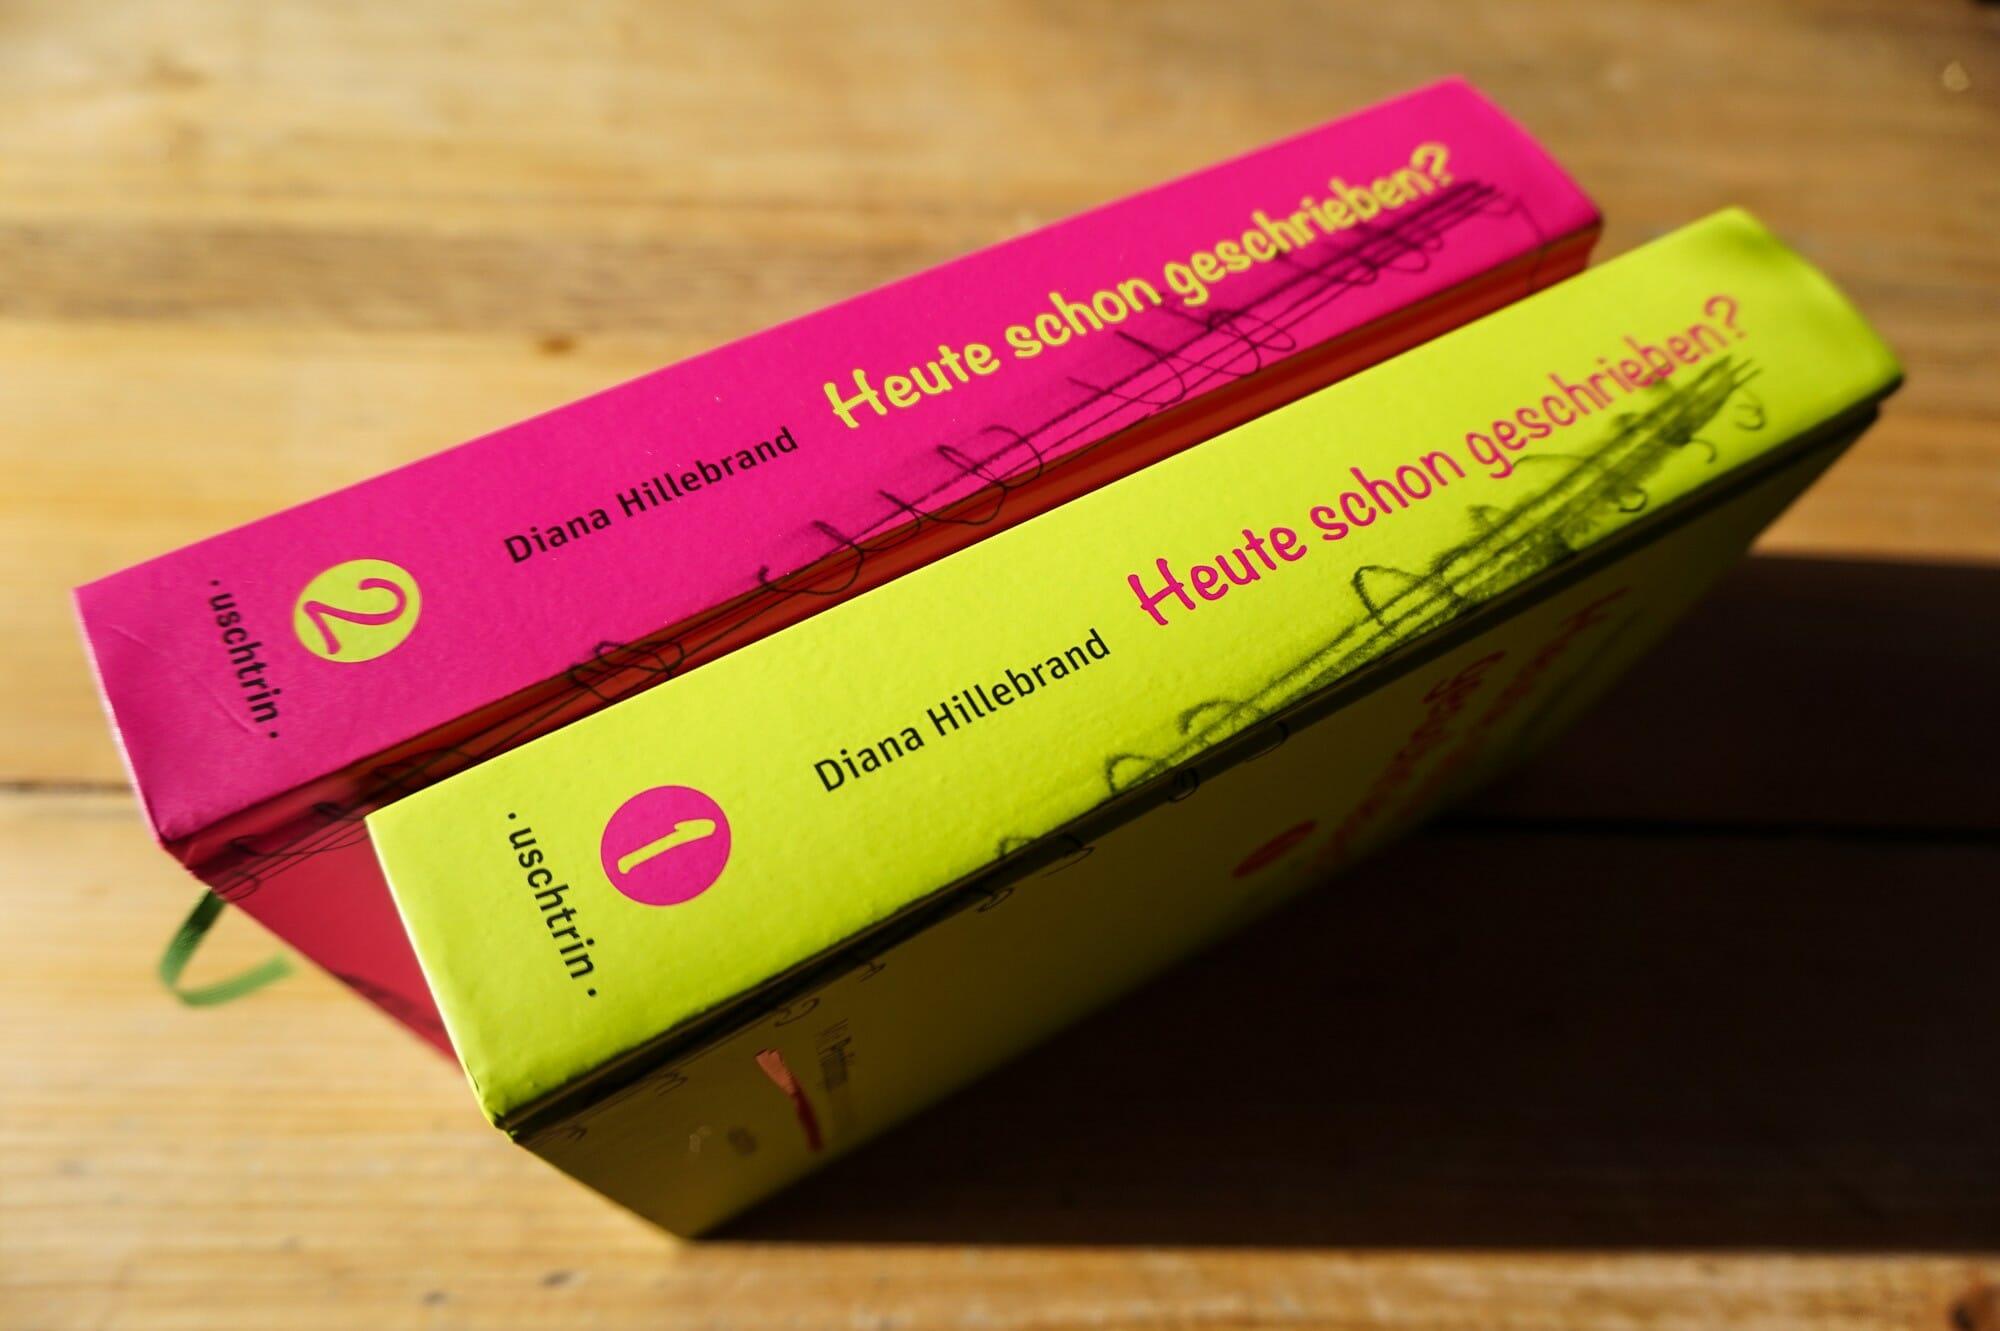 Schreibratgeber von Diana Hillebrand: Heute schon geschrieben?